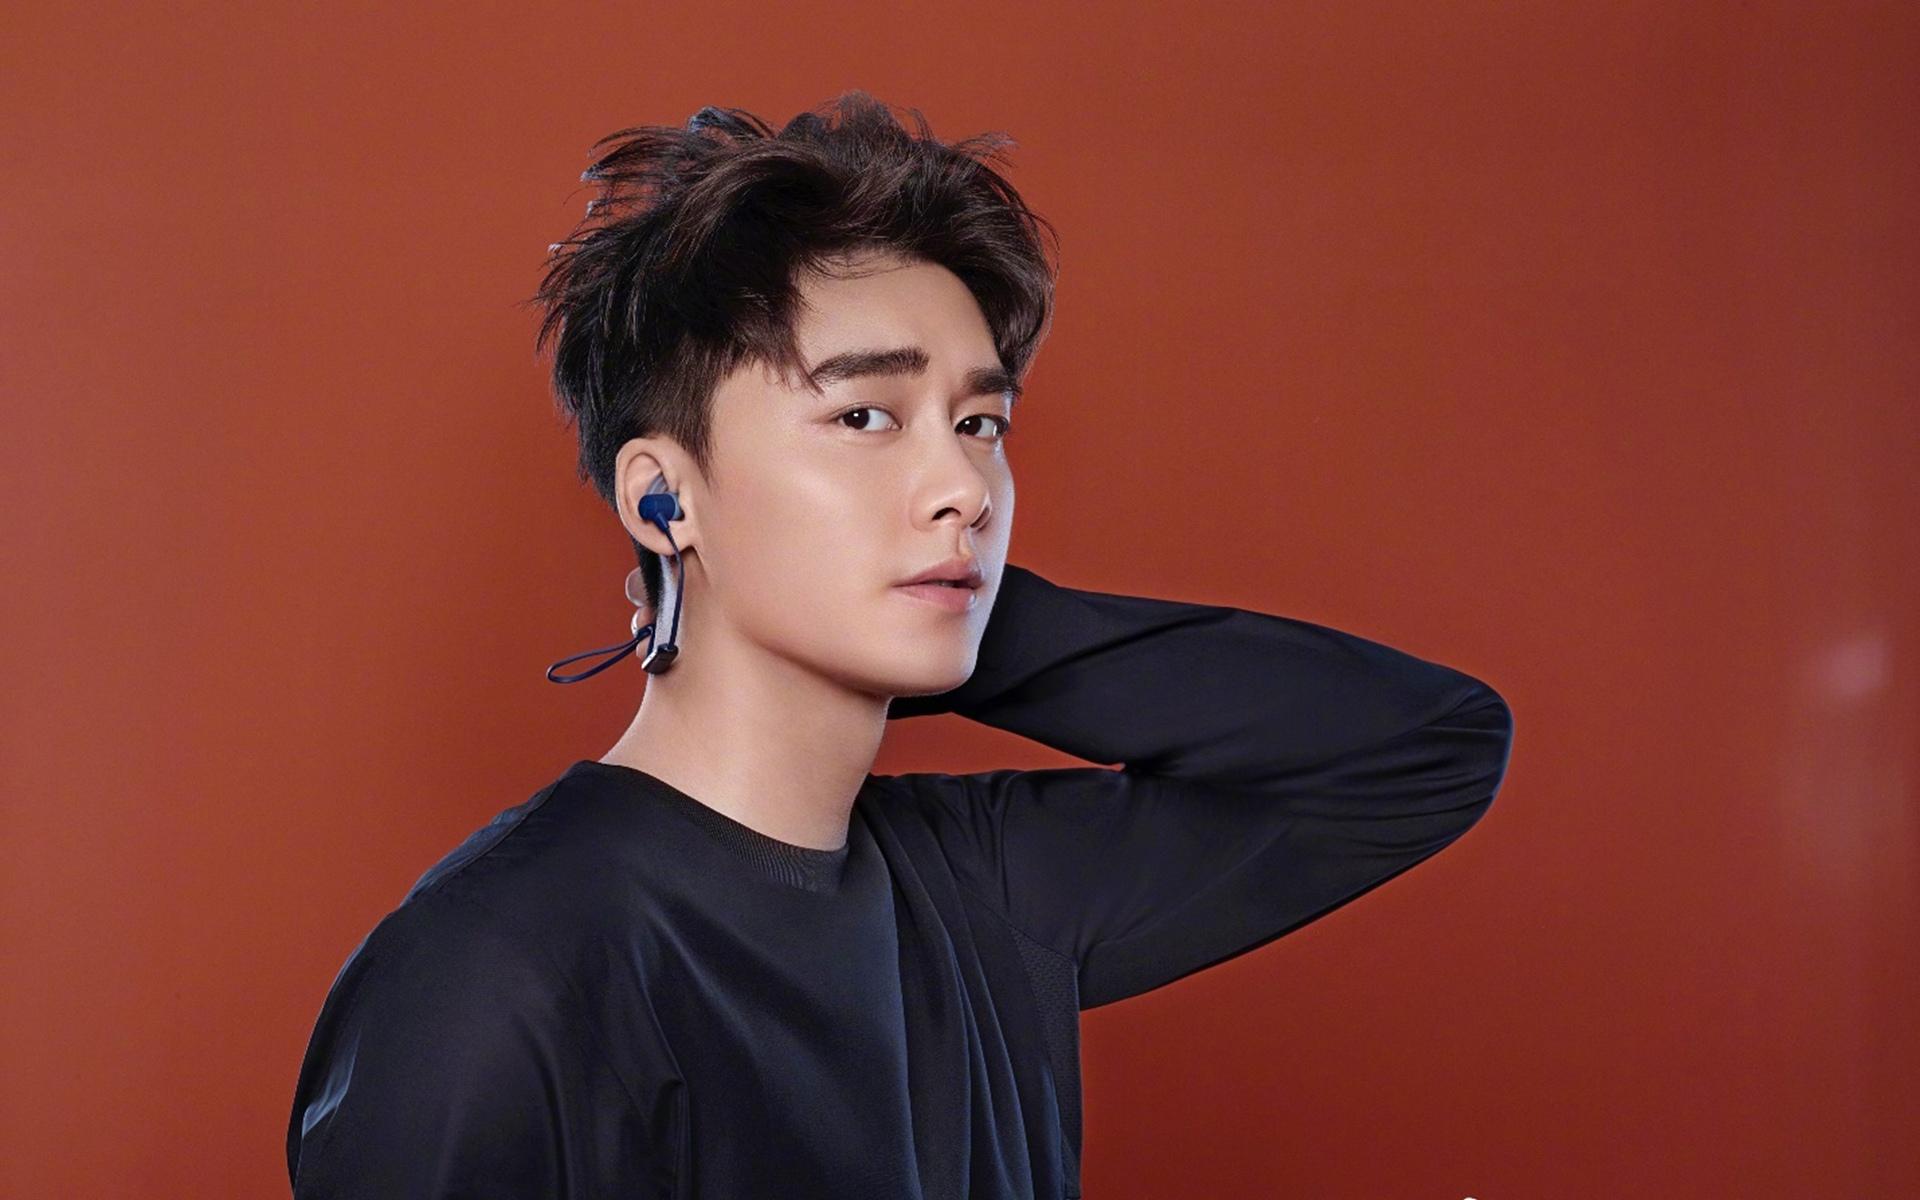 2021.1.12娱乐爆料:杨洋、李易峰、许嵩、肖战、华晨宇